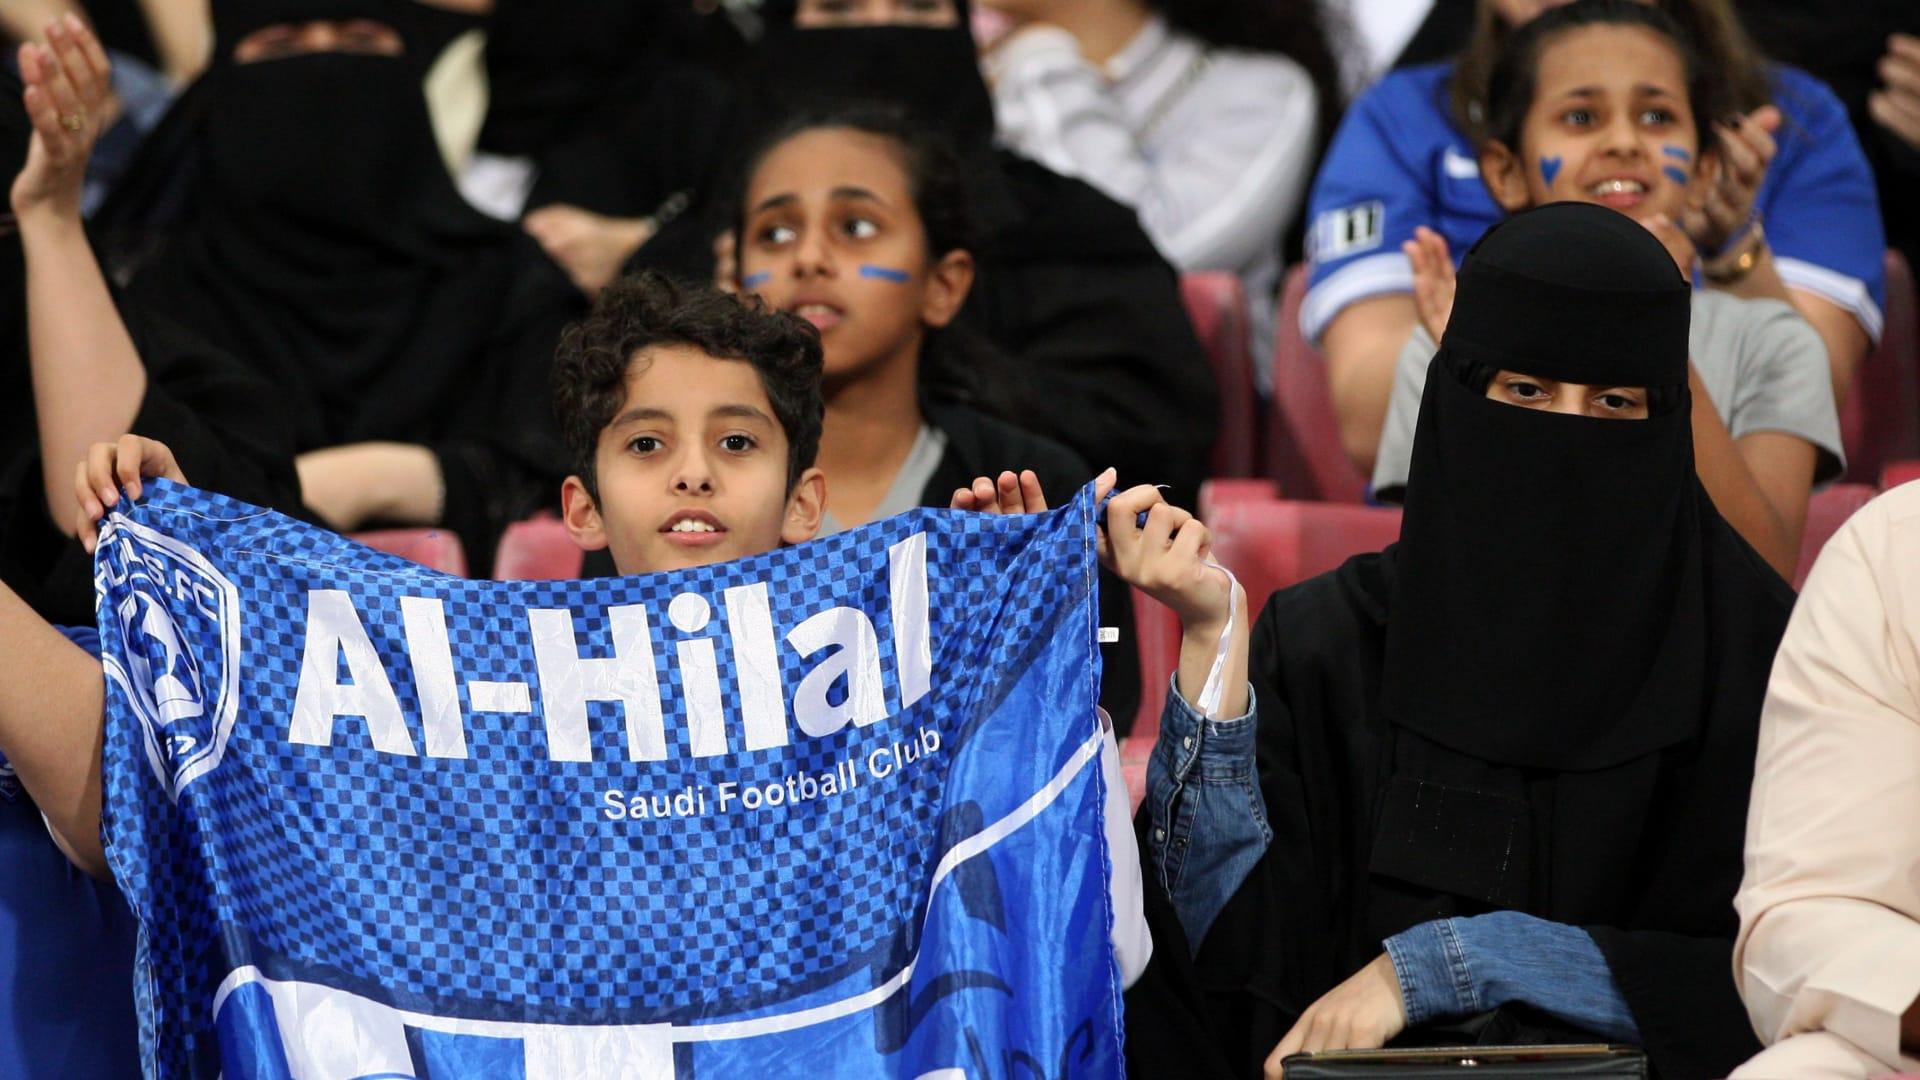 عدد من مشجعي نادي الهلال السعودي يتابعون المباراة التي أقيمت على استاد محمد بن زايد في أبوظبي